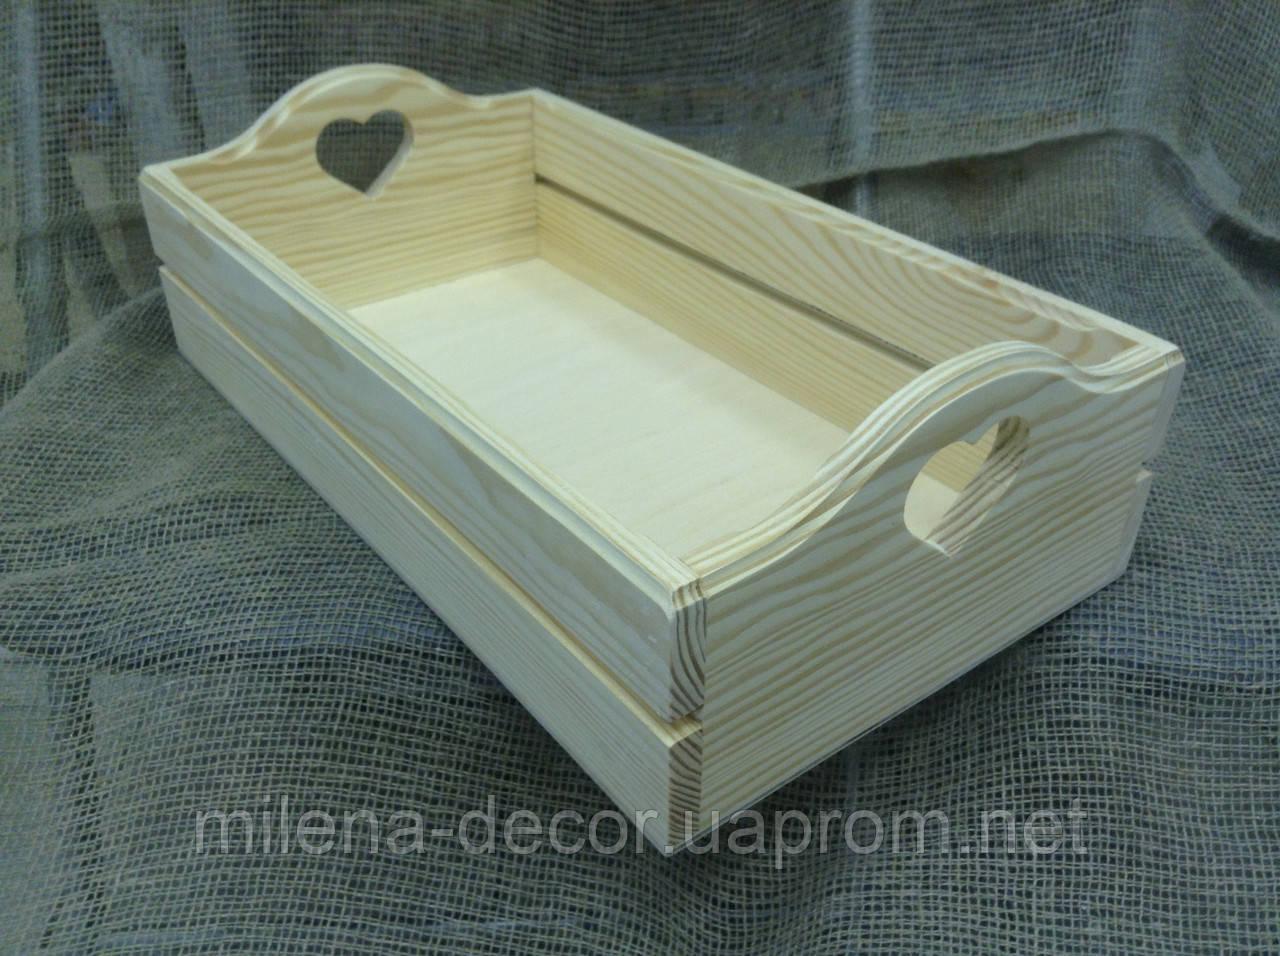 Ящик деревянный на рейках (большой)